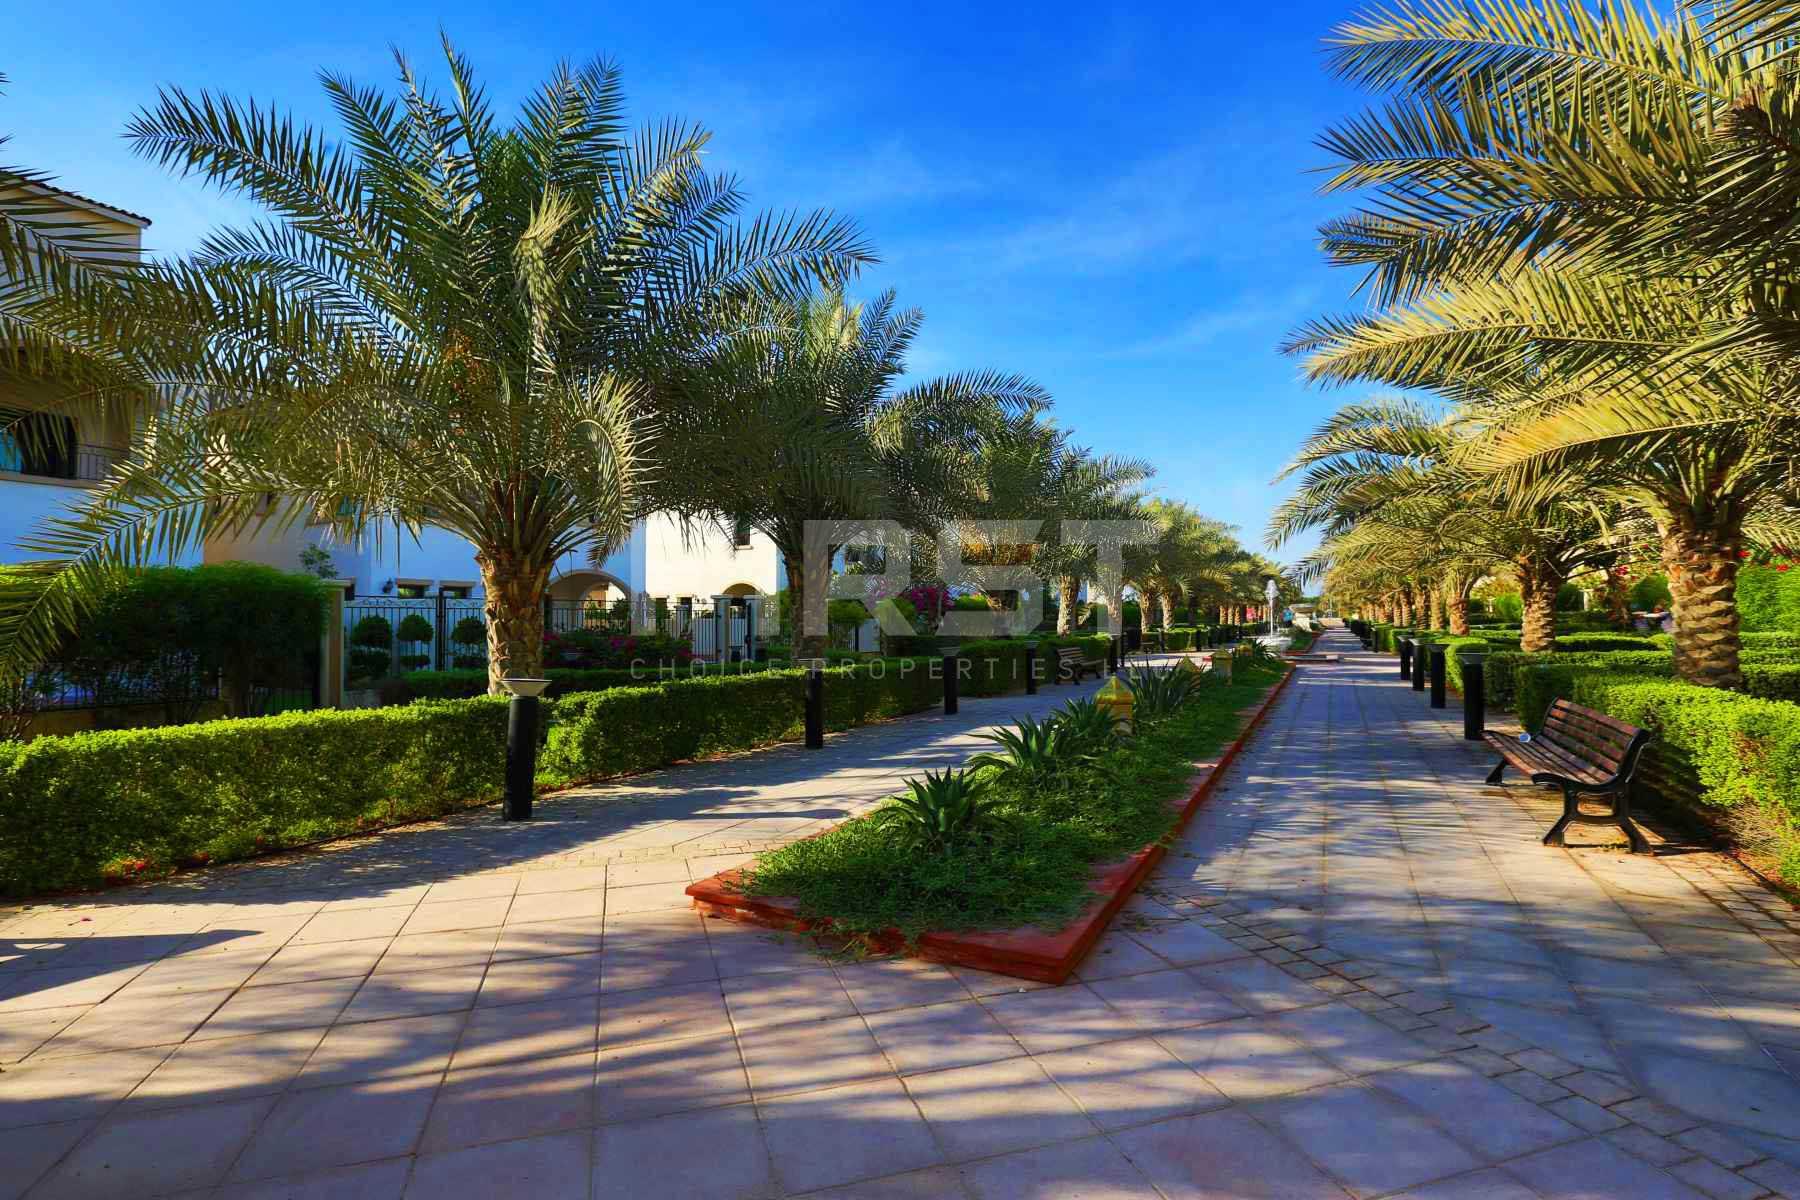 Bloom Gardebs, Al Salam Street - Abu Dhabi, UAE (12).jpg